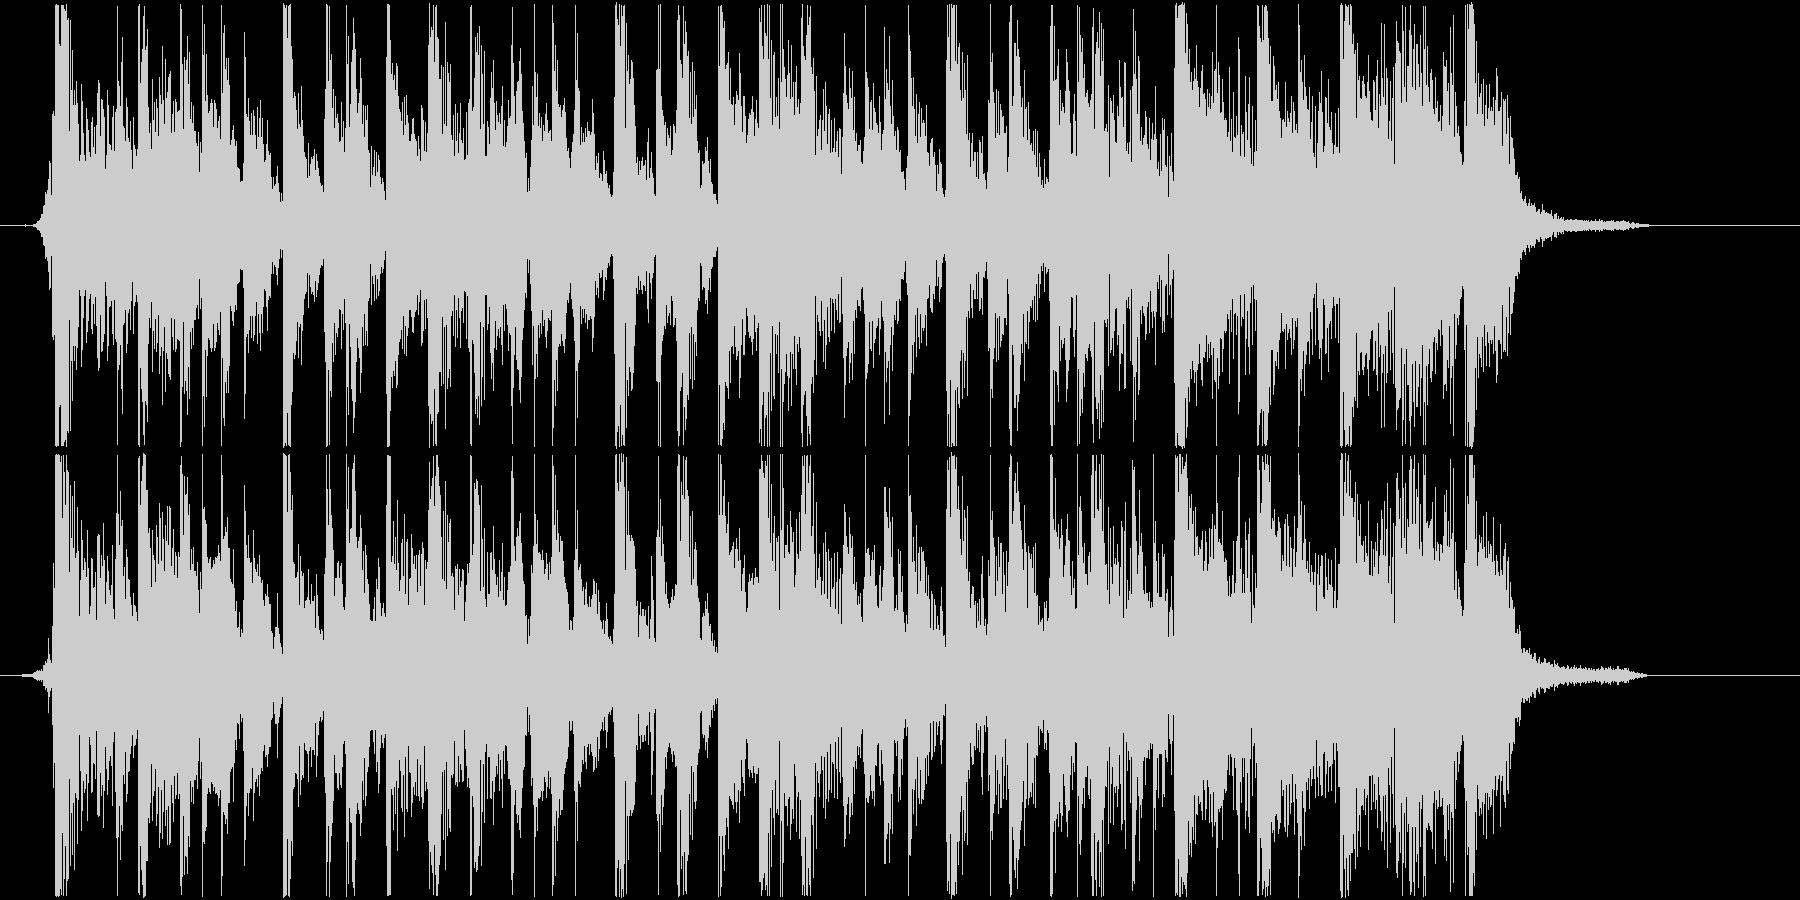 ファンキーなスラップジングル(ハーフ)の未再生の波形